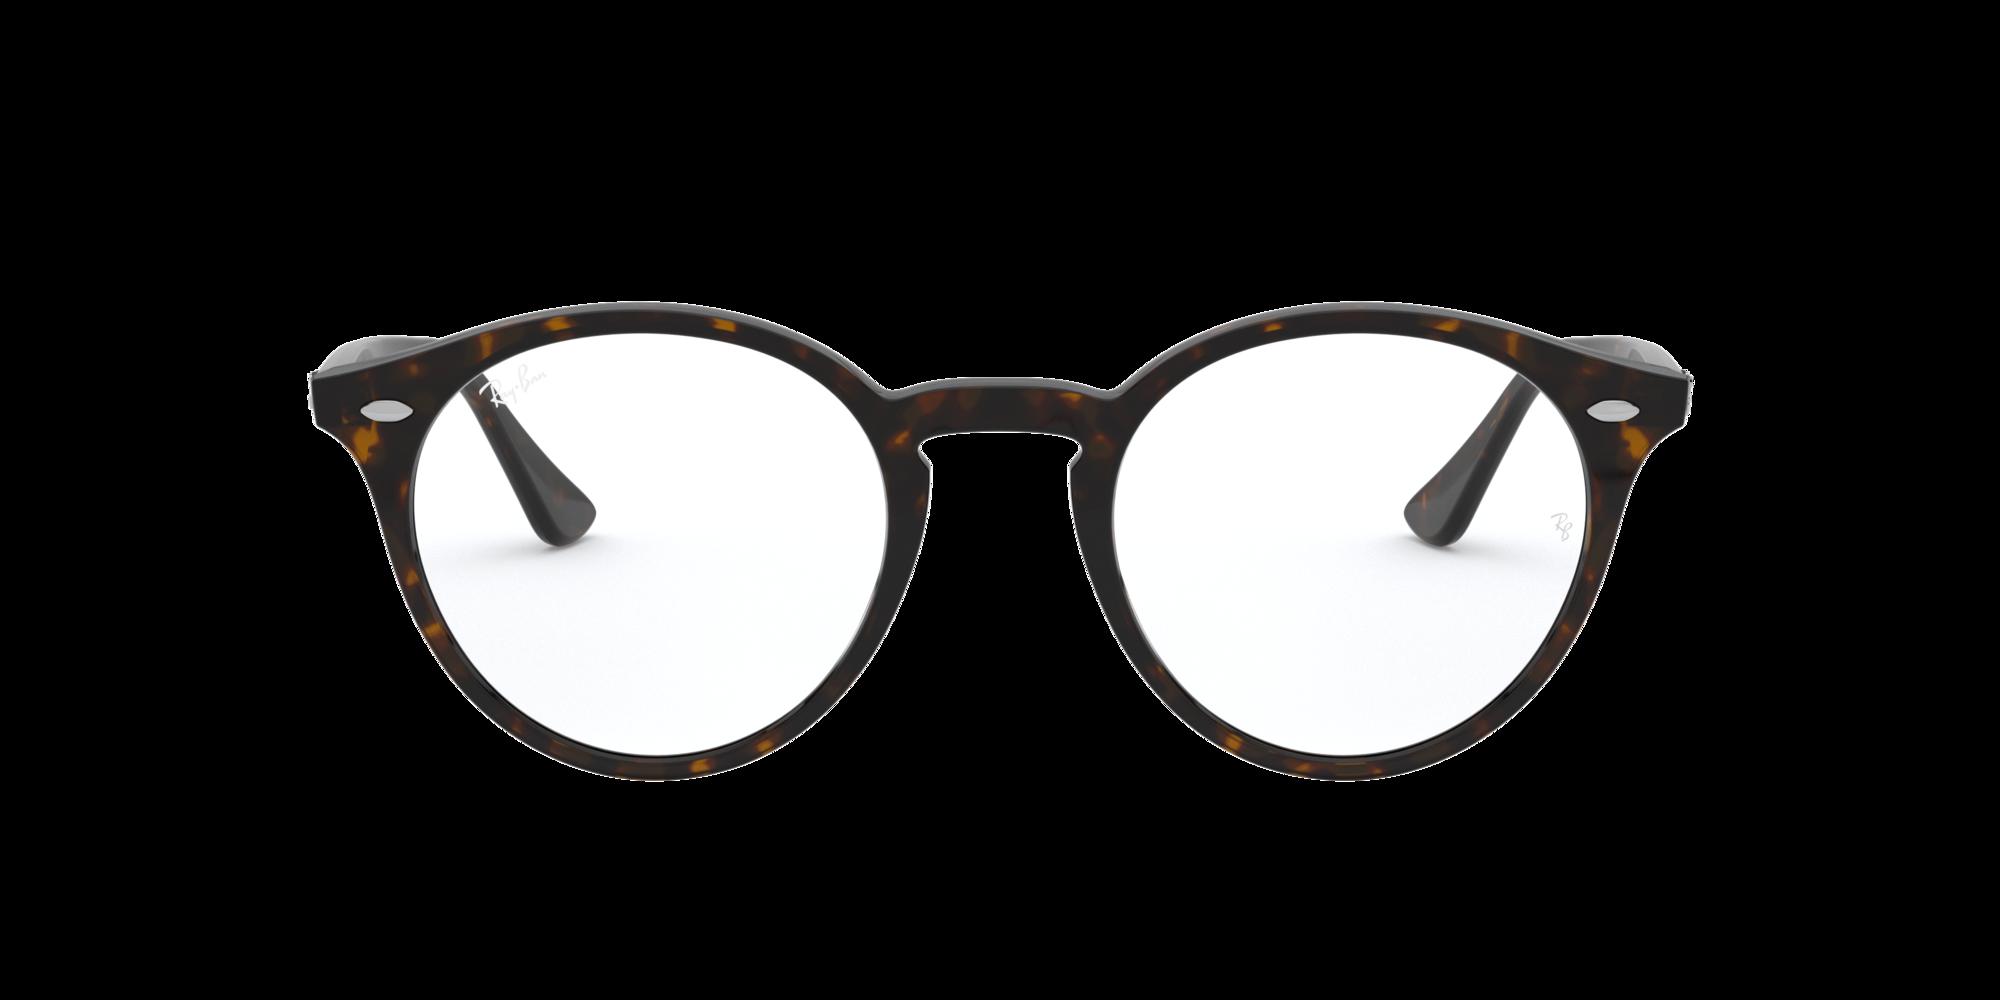 Imagen para RX2180V de LensCrafters    Espejuelos, espejuelos graduados en línea, gafas